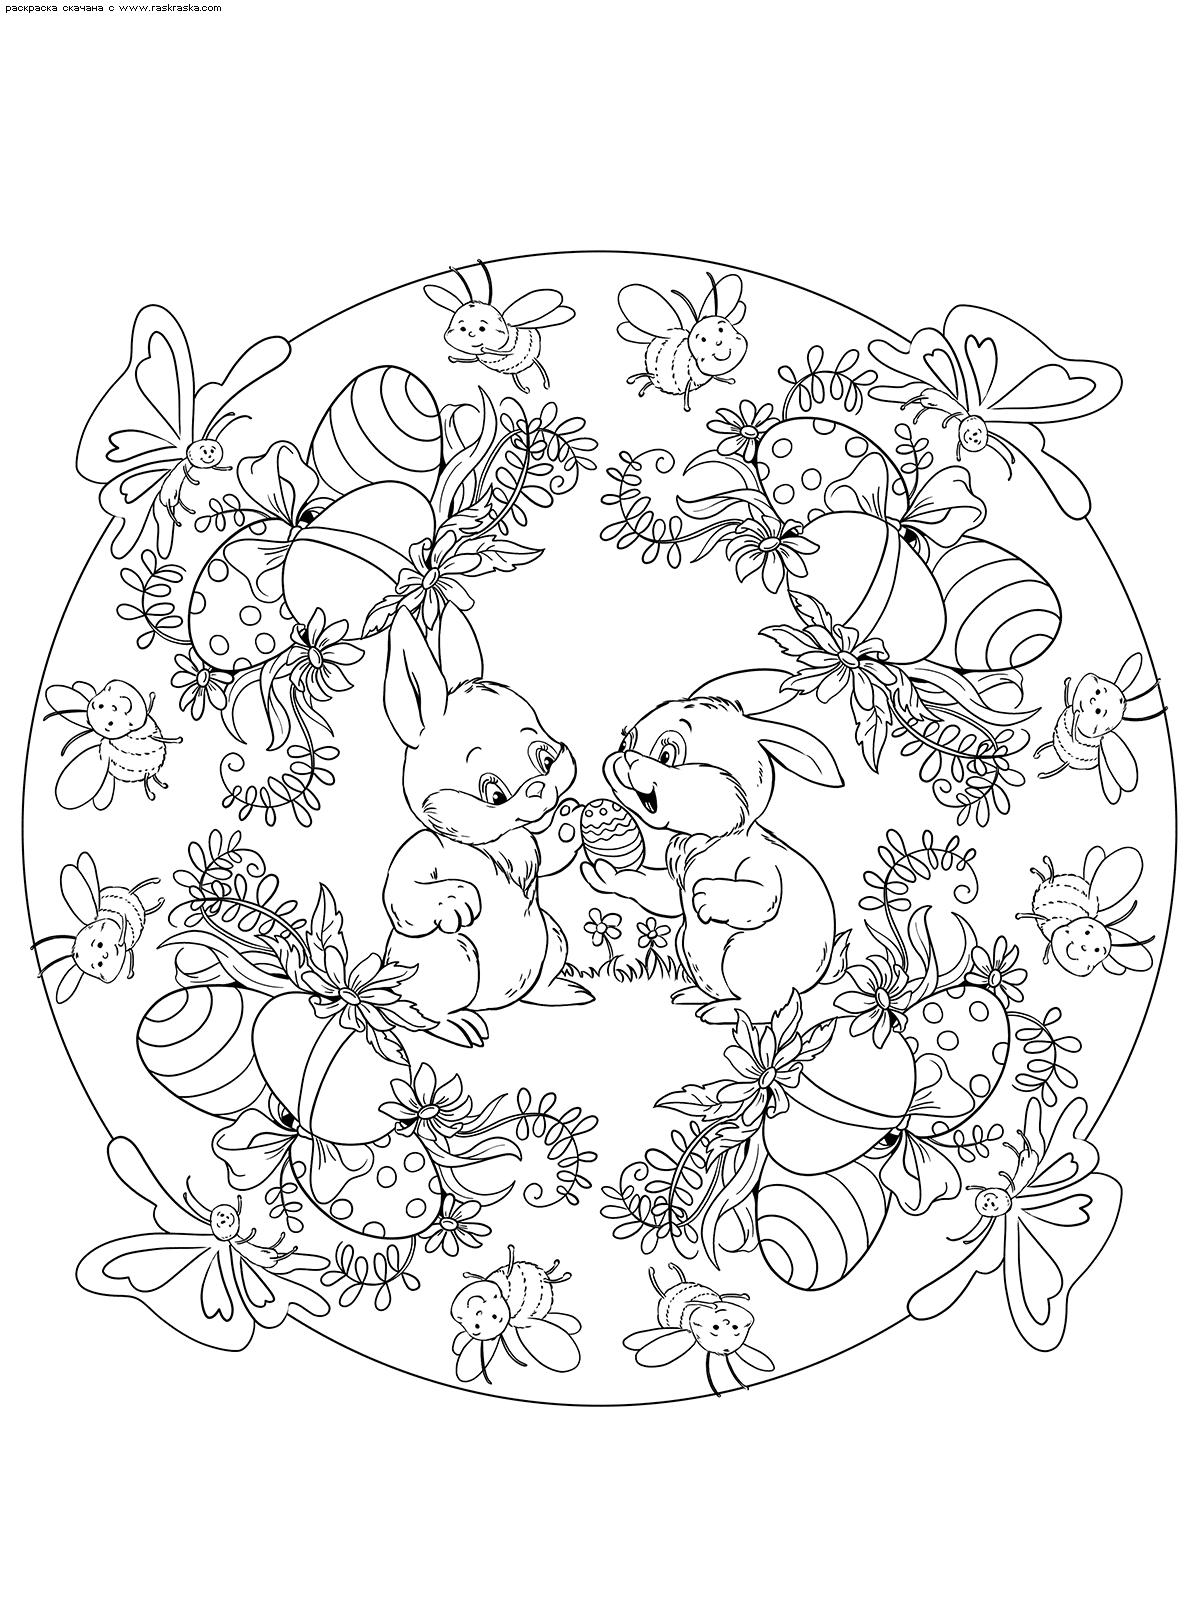 Раскраска Пасхальные кролики. Раскраска Пасха, кролик, мандала